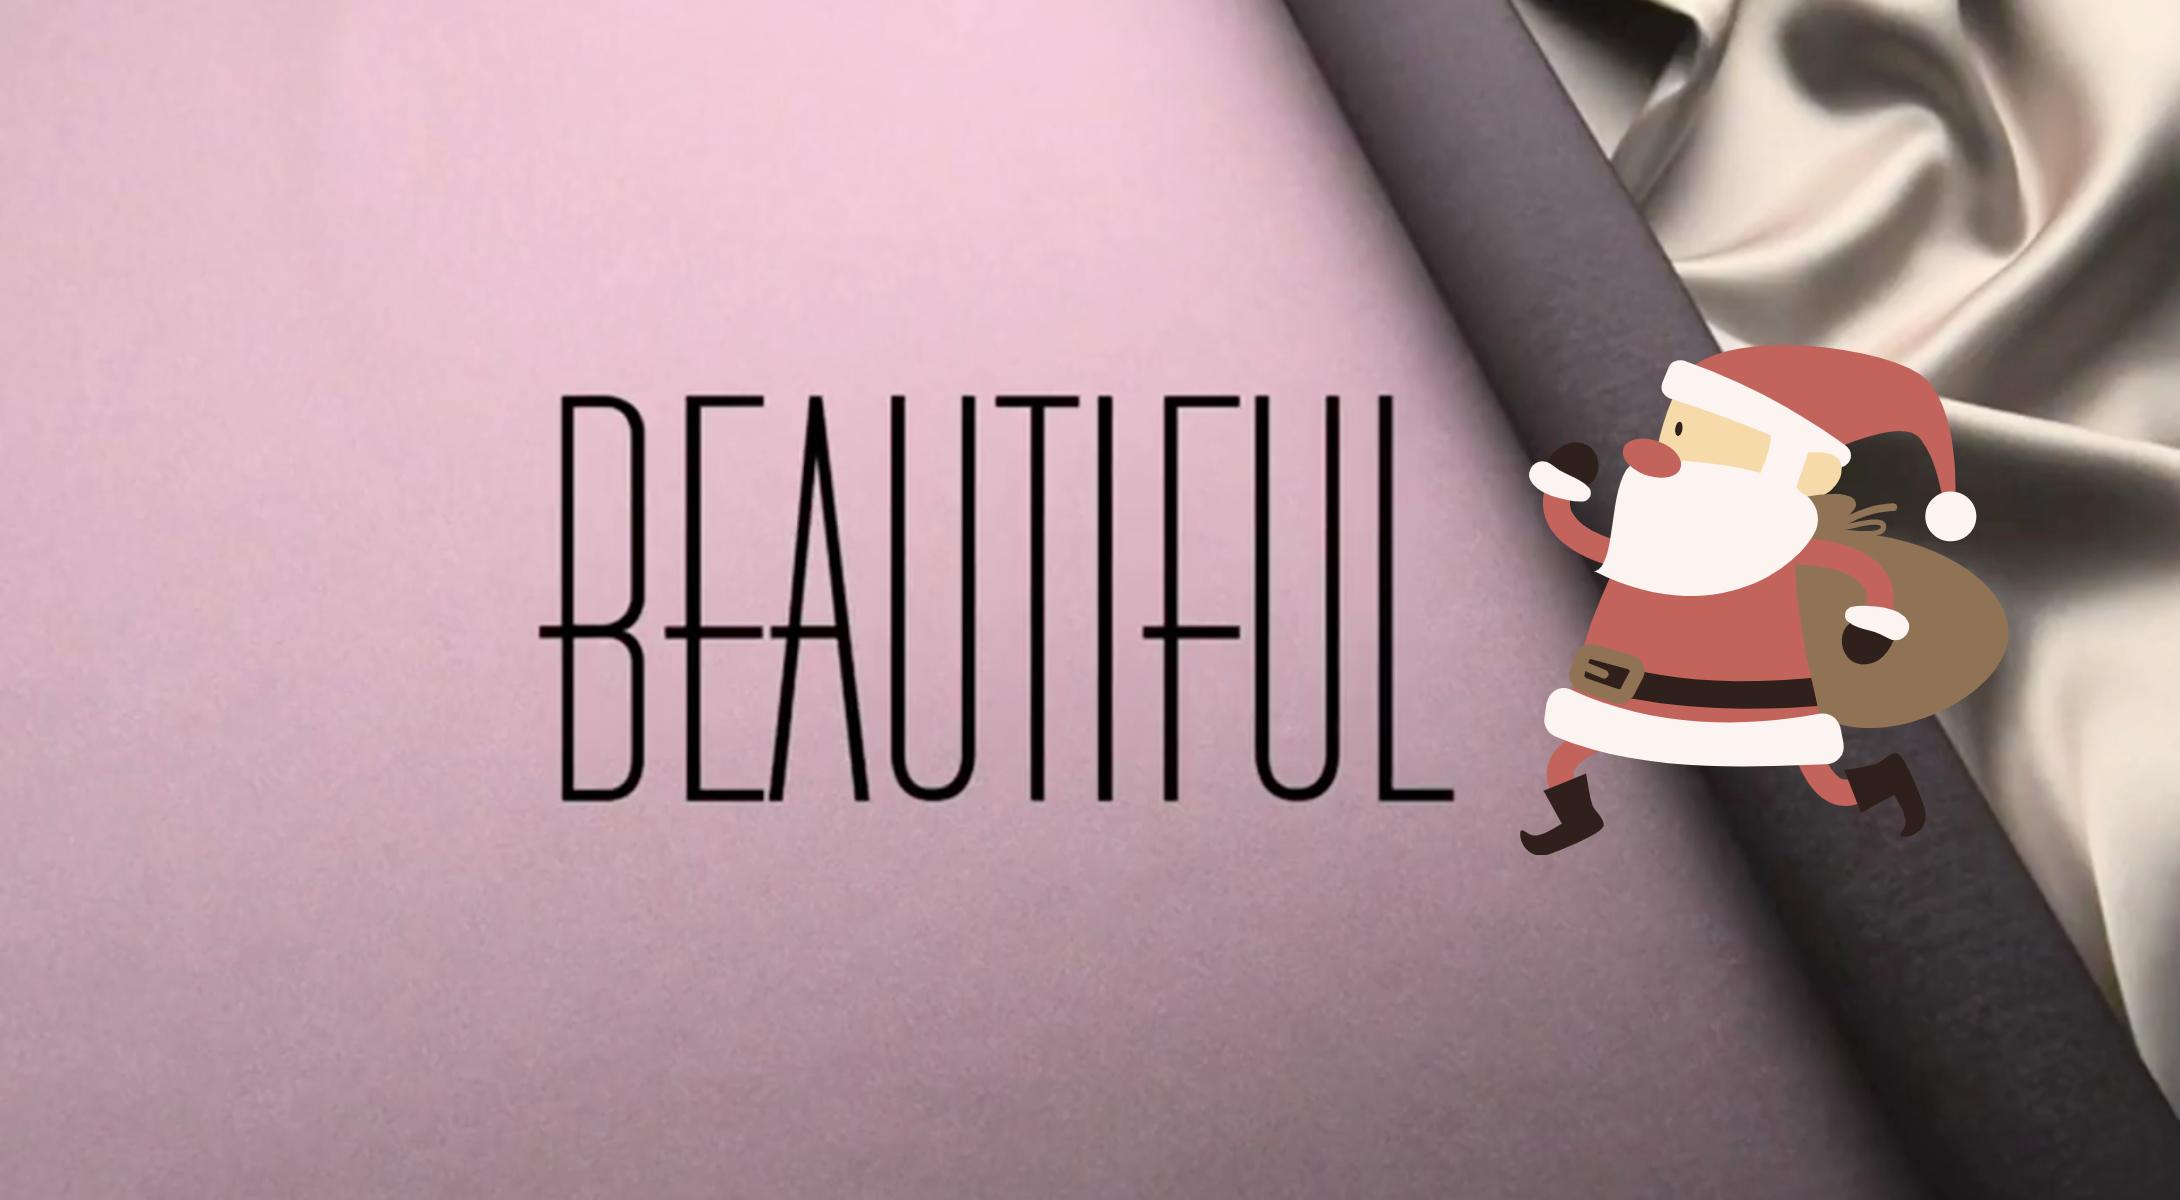 Beautiful: ecco la programmazione natalizia per la soap opera di Canale 5